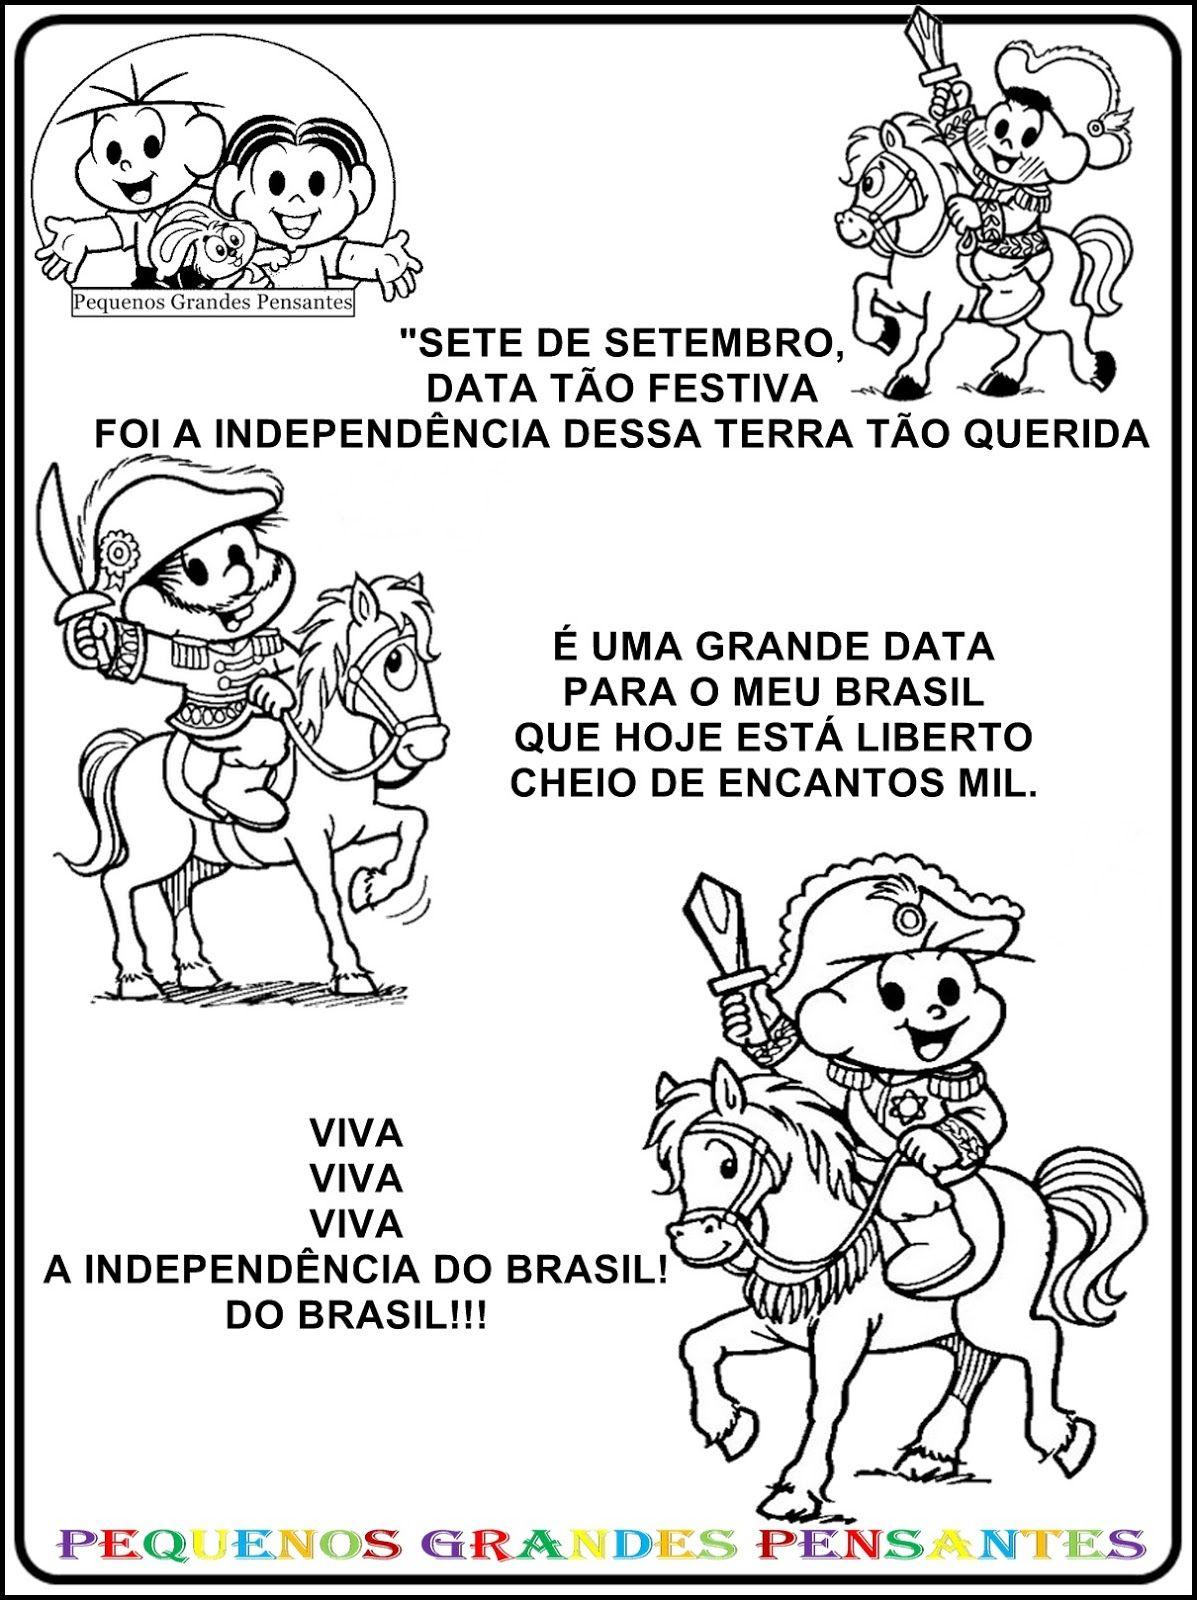 Atividades Independencia2 Pgp Jpg 1197 1600 Semana Da Patria